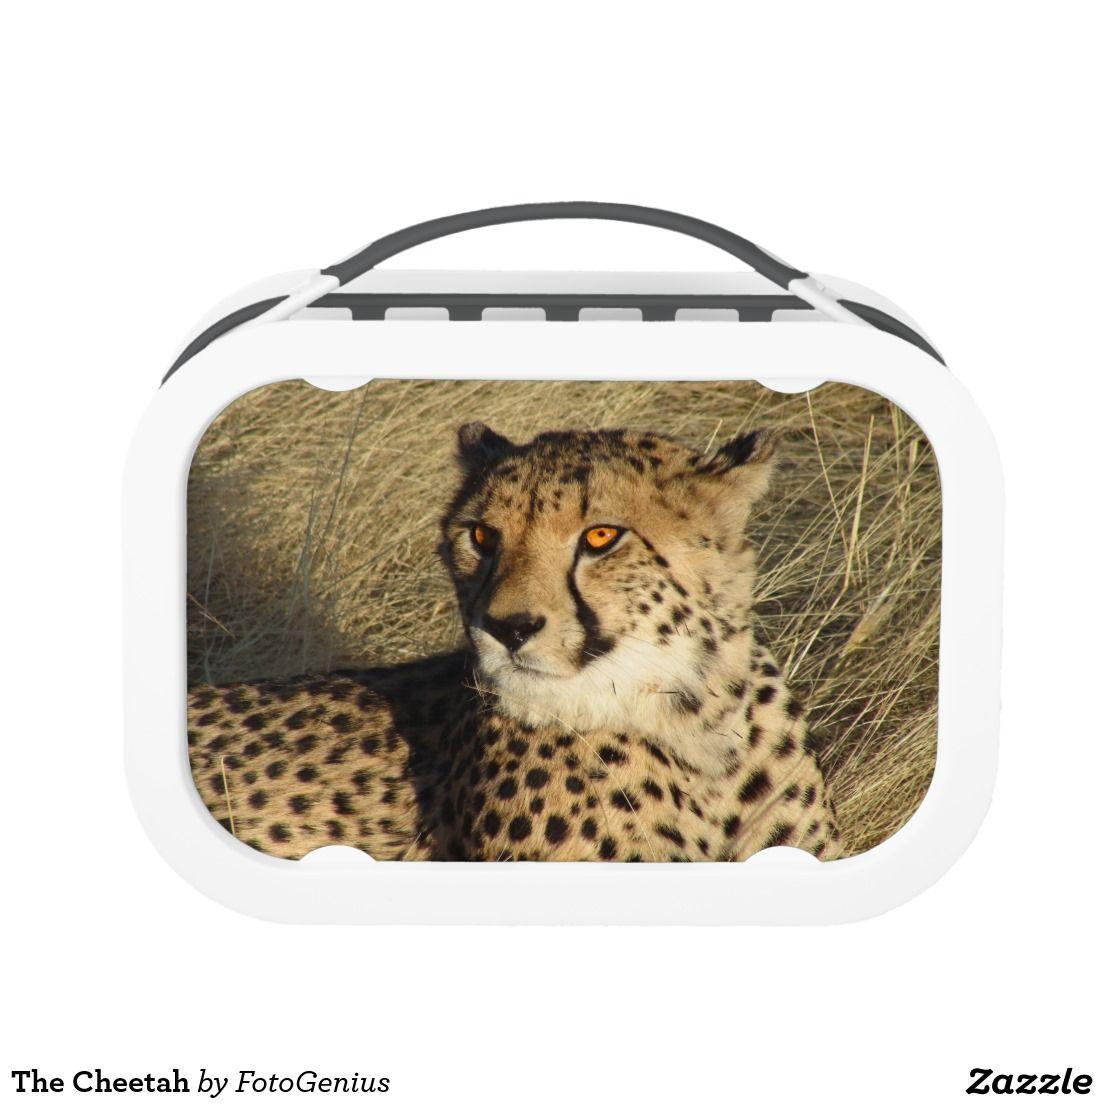 The Cheetah Lunch Box